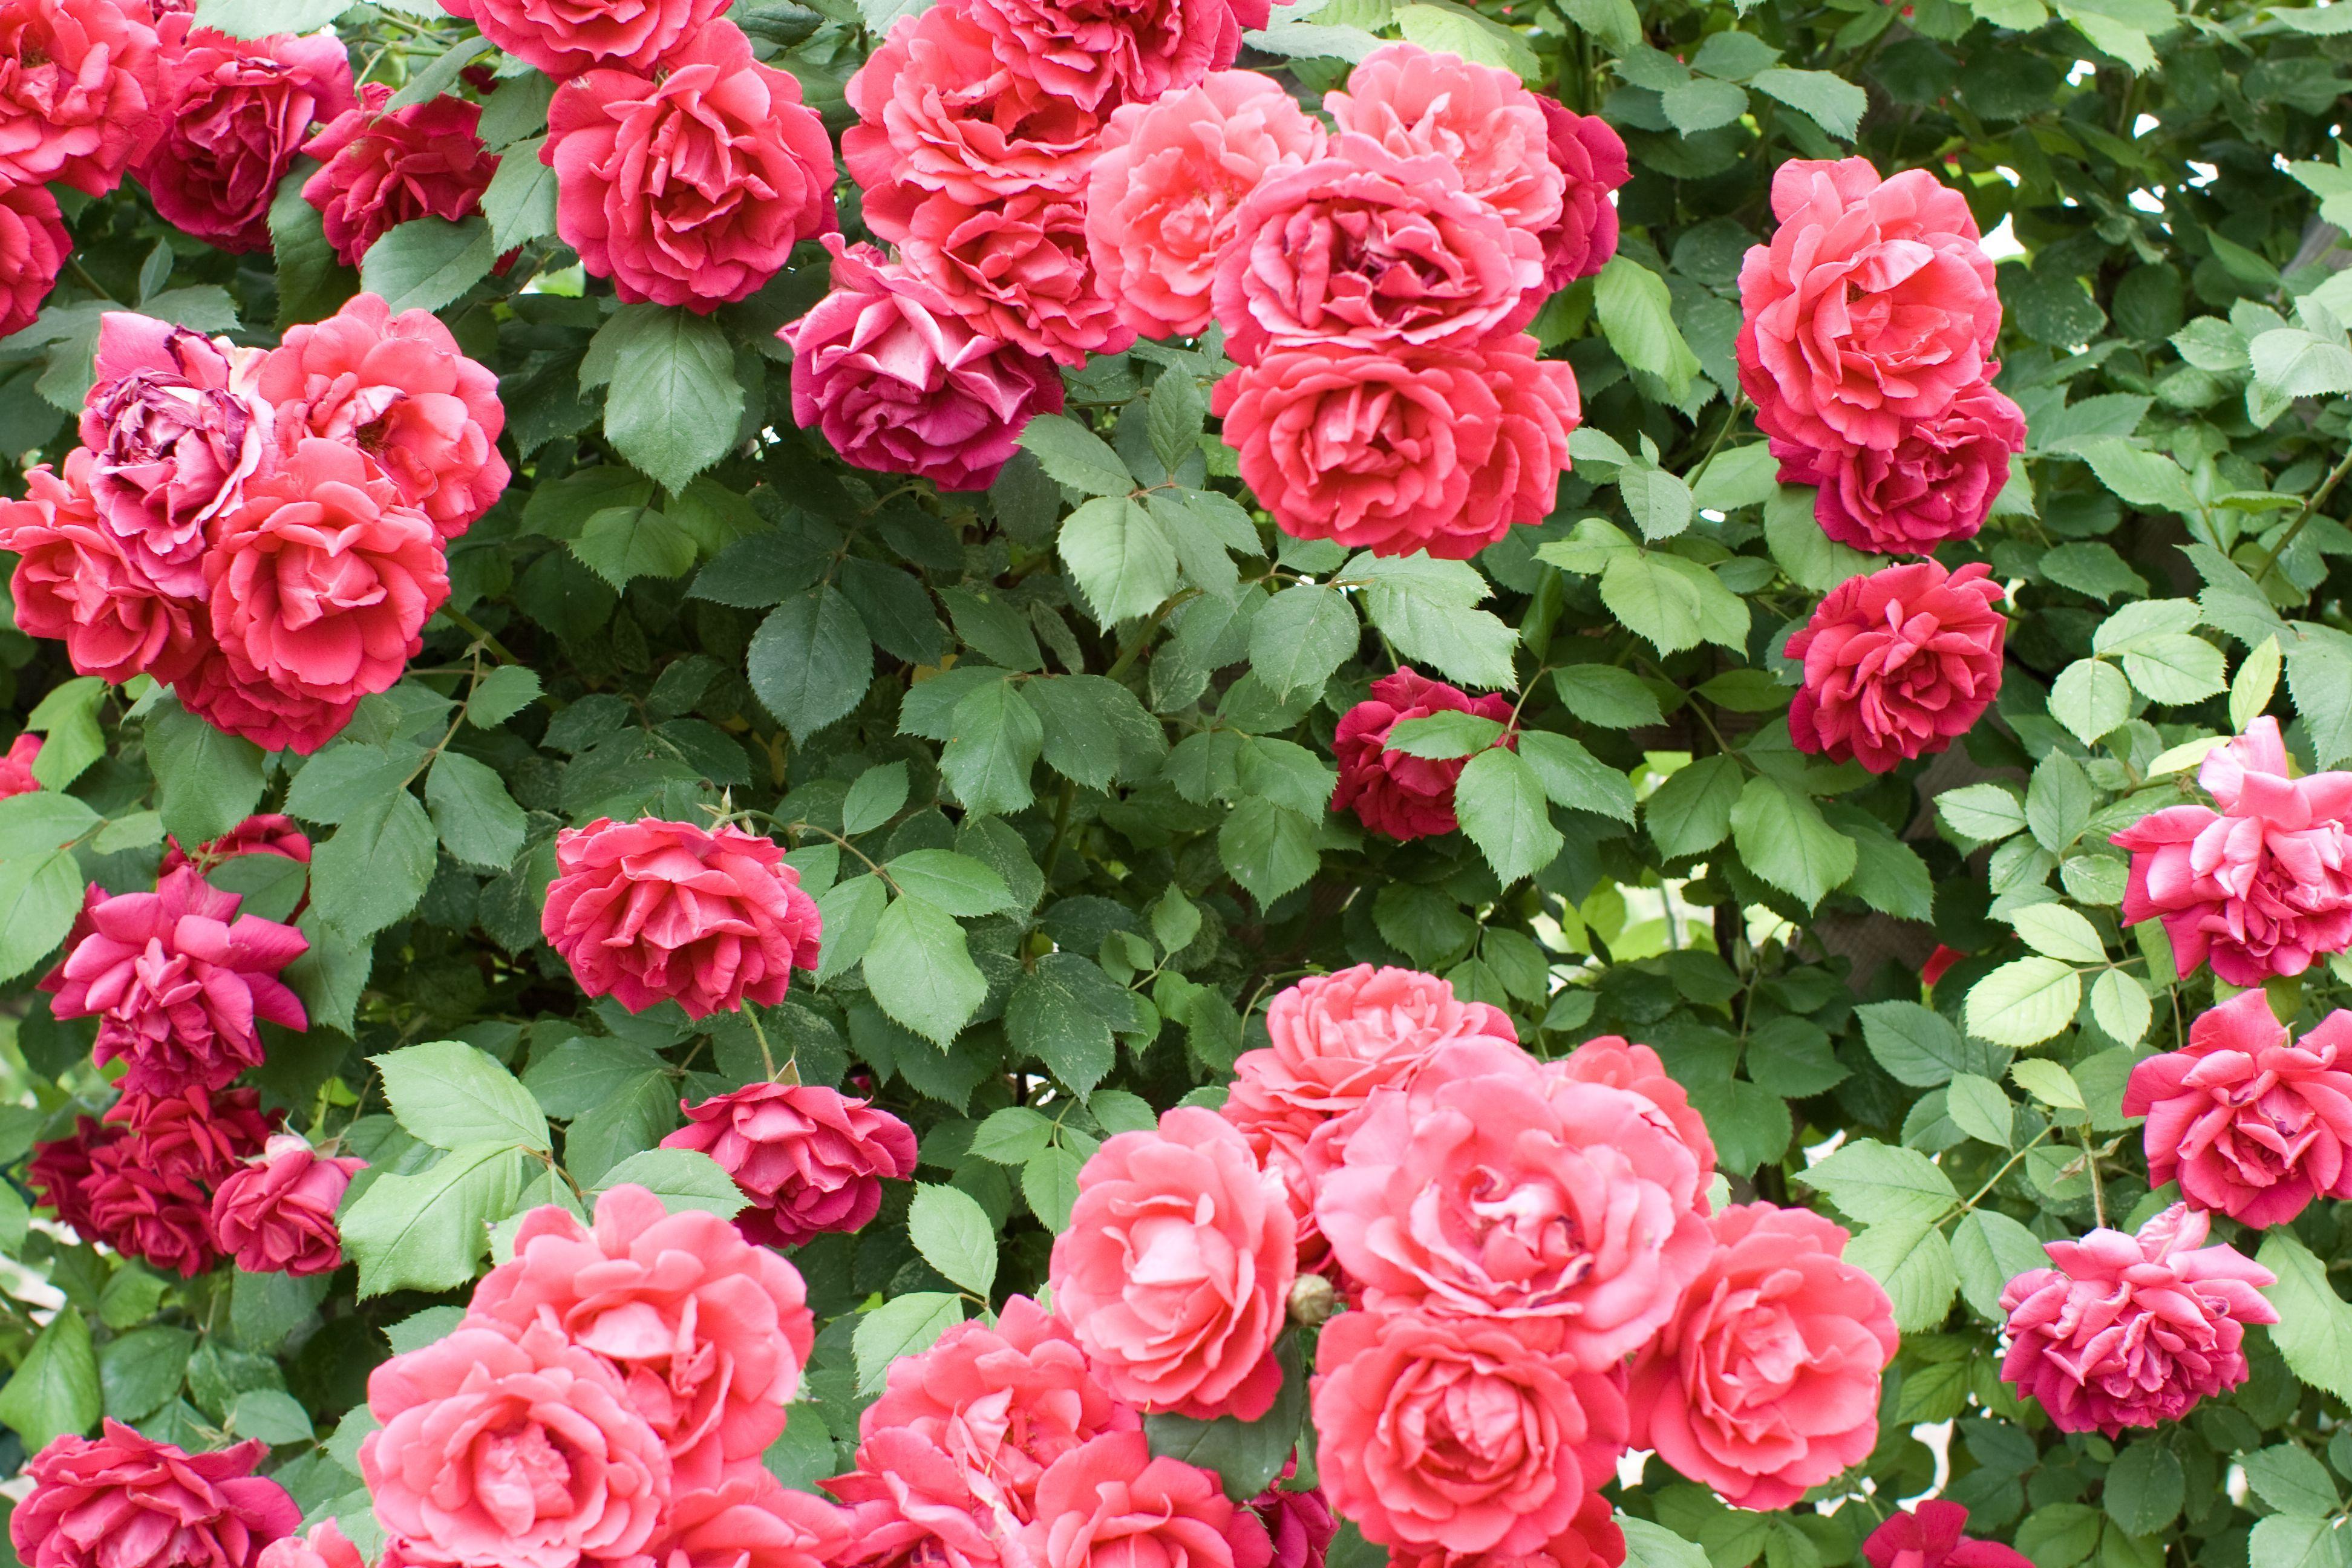 Rosen düngen. Eine leichte Einführung für die Fans der Königin der Blumen